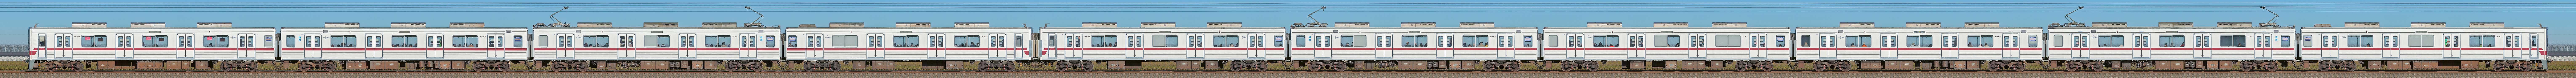 東武30000系31607編成(山側)の編成サイドビュー